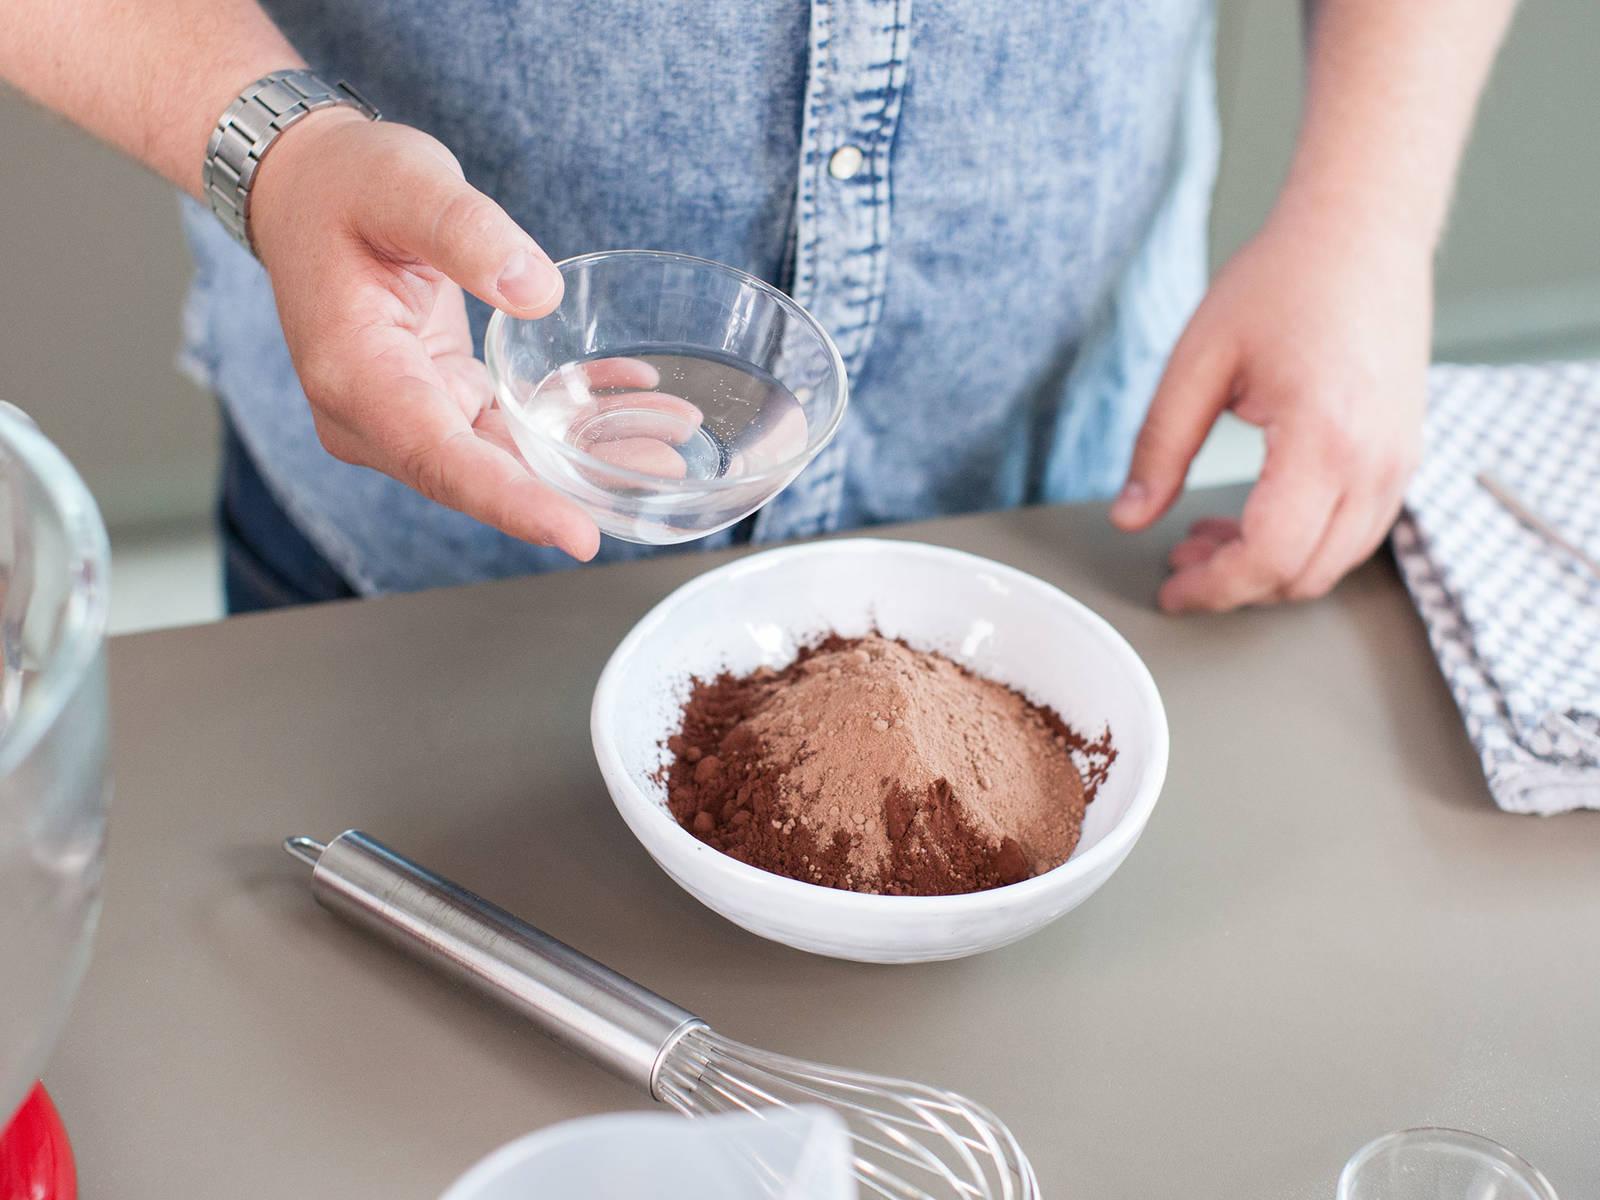 预热烤箱至175摄氏度。在小碗中混合面粉、泡打粉与盐。向大碗中加入可可粉、水与部分糖,如有需要,可加入巧克力麦芽粉,搅拌至顺滑。